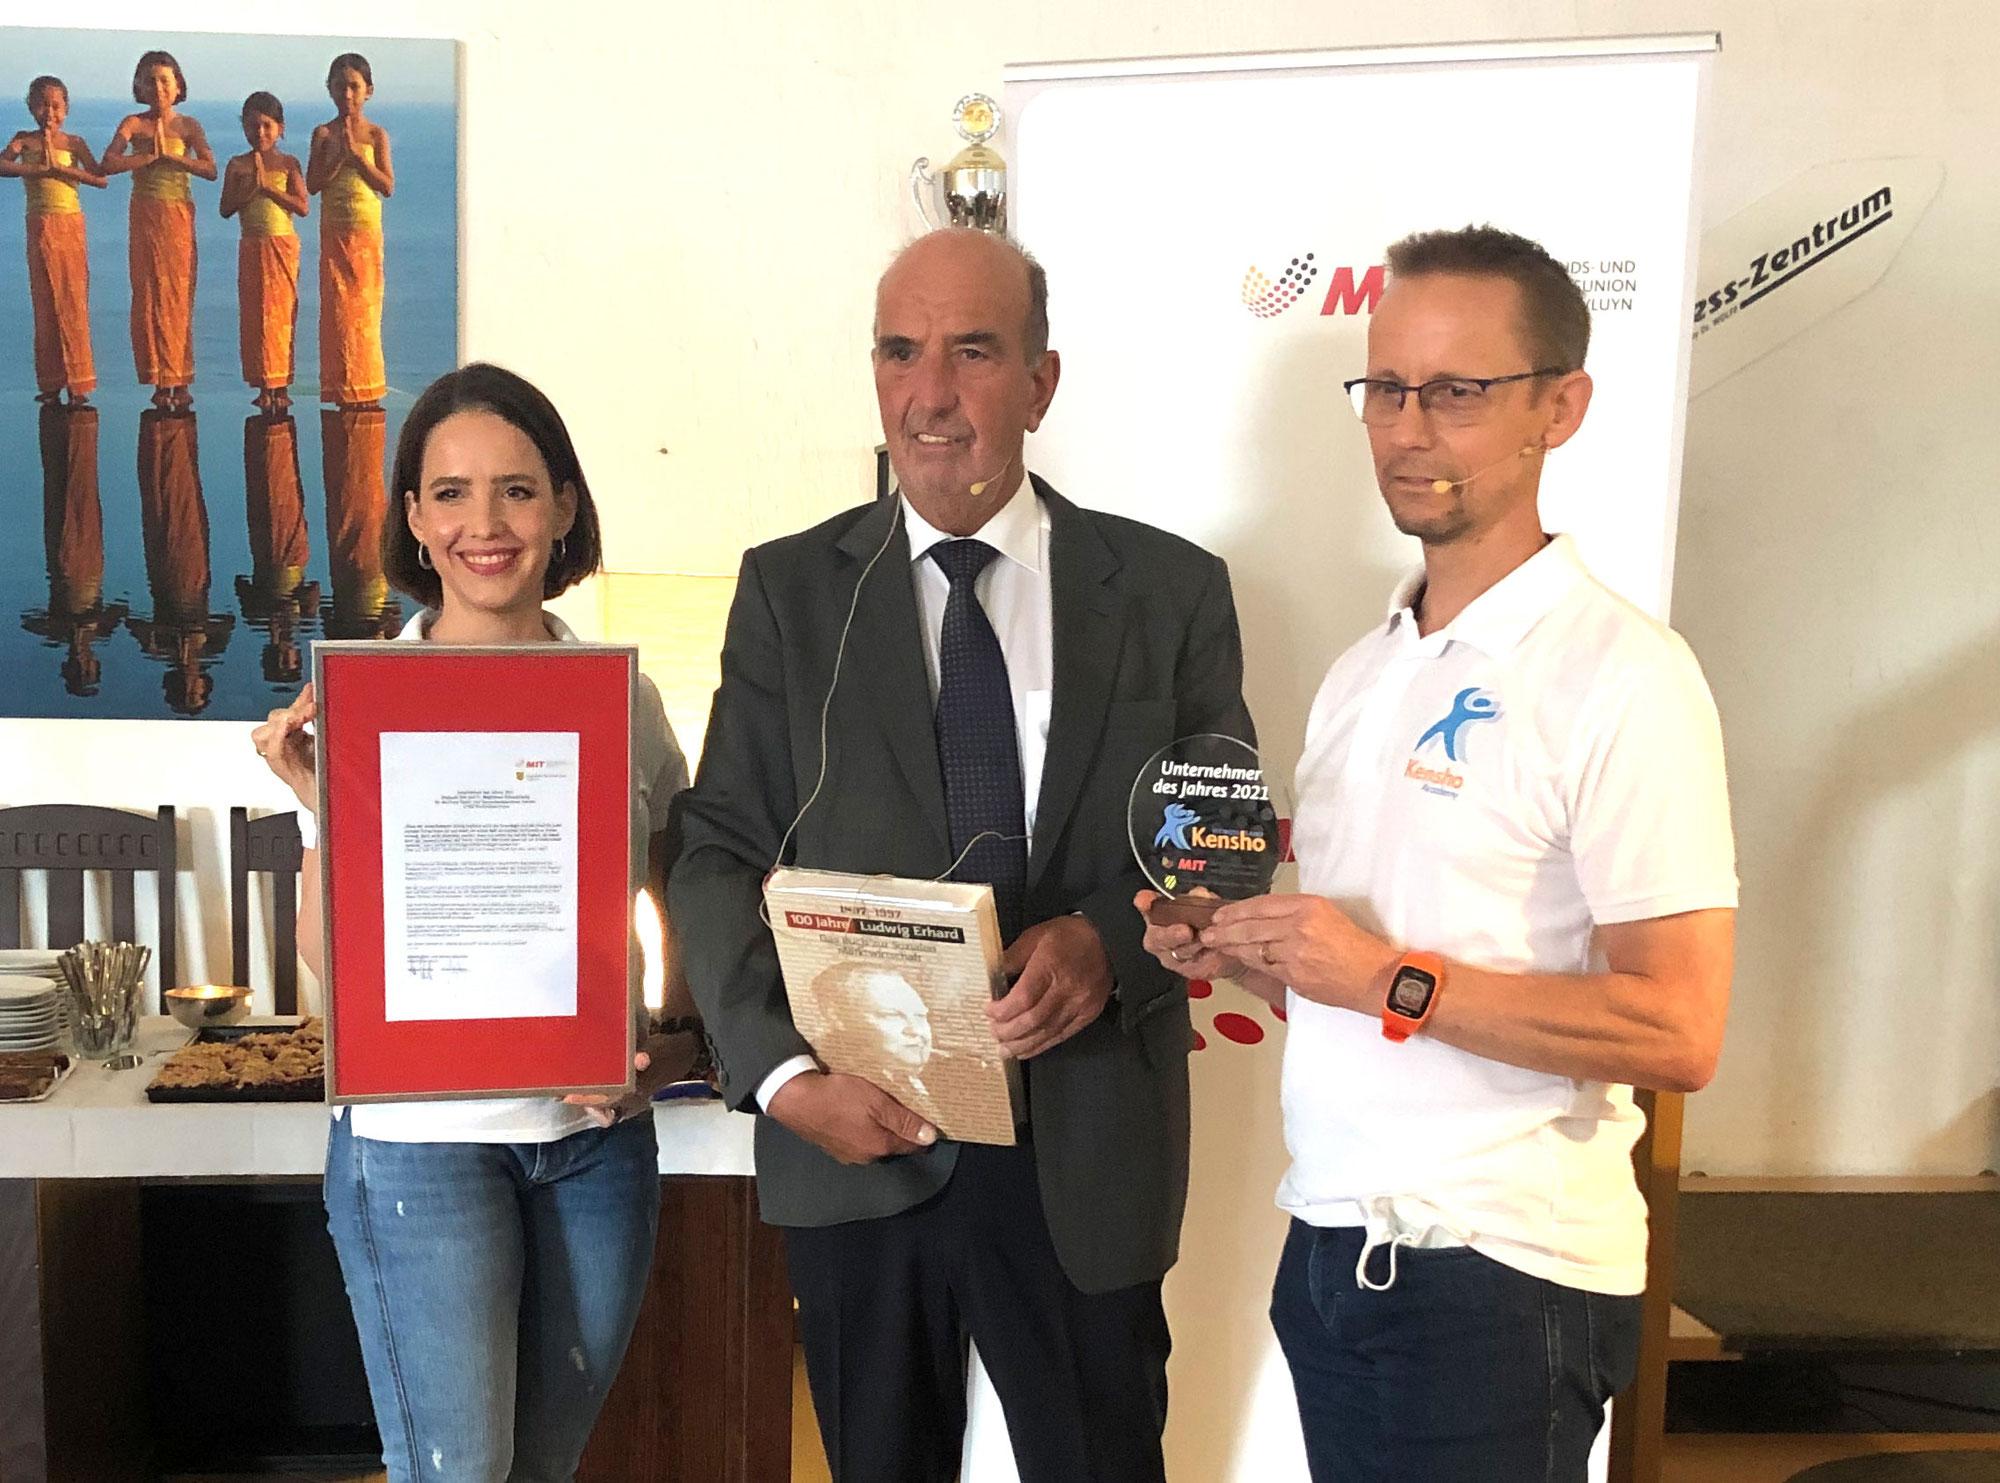 UdJ 2021: Dr. Magdalena und Dirk Schauenberg ausgezeichnet als Unternehmer des Jahres